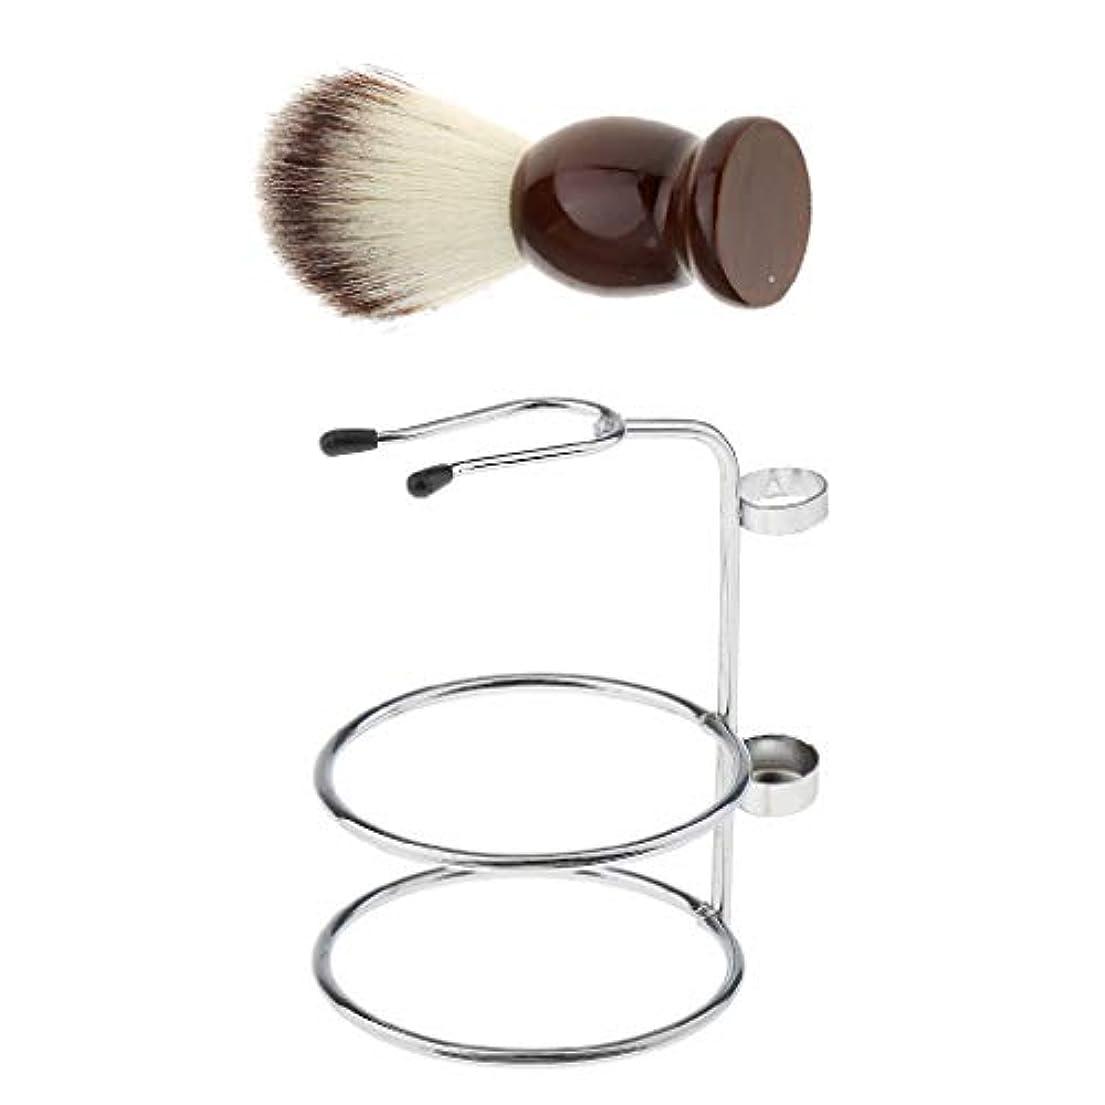 ふりをする師匠ネコHellery シェービングブラシスタンド ひげブラシ 理容 洗顔 髭剃り 泡立ち 男性用 家庭 旅行